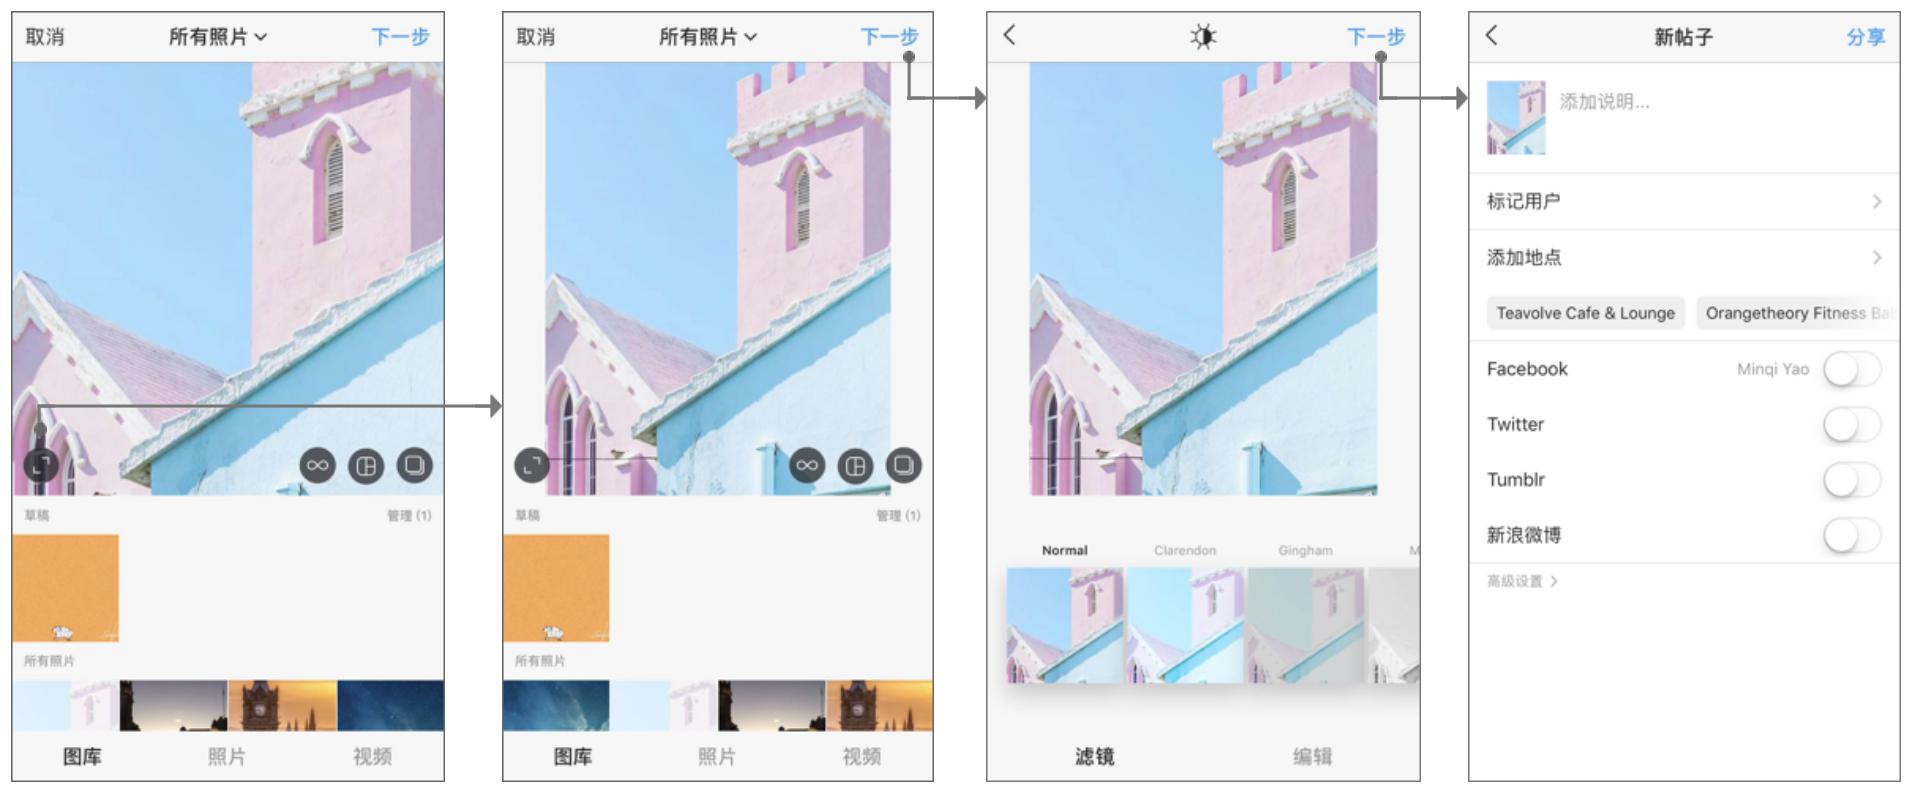 1.8万字,全方位拆解Instagram的Feed流动态和快拍功能插图7